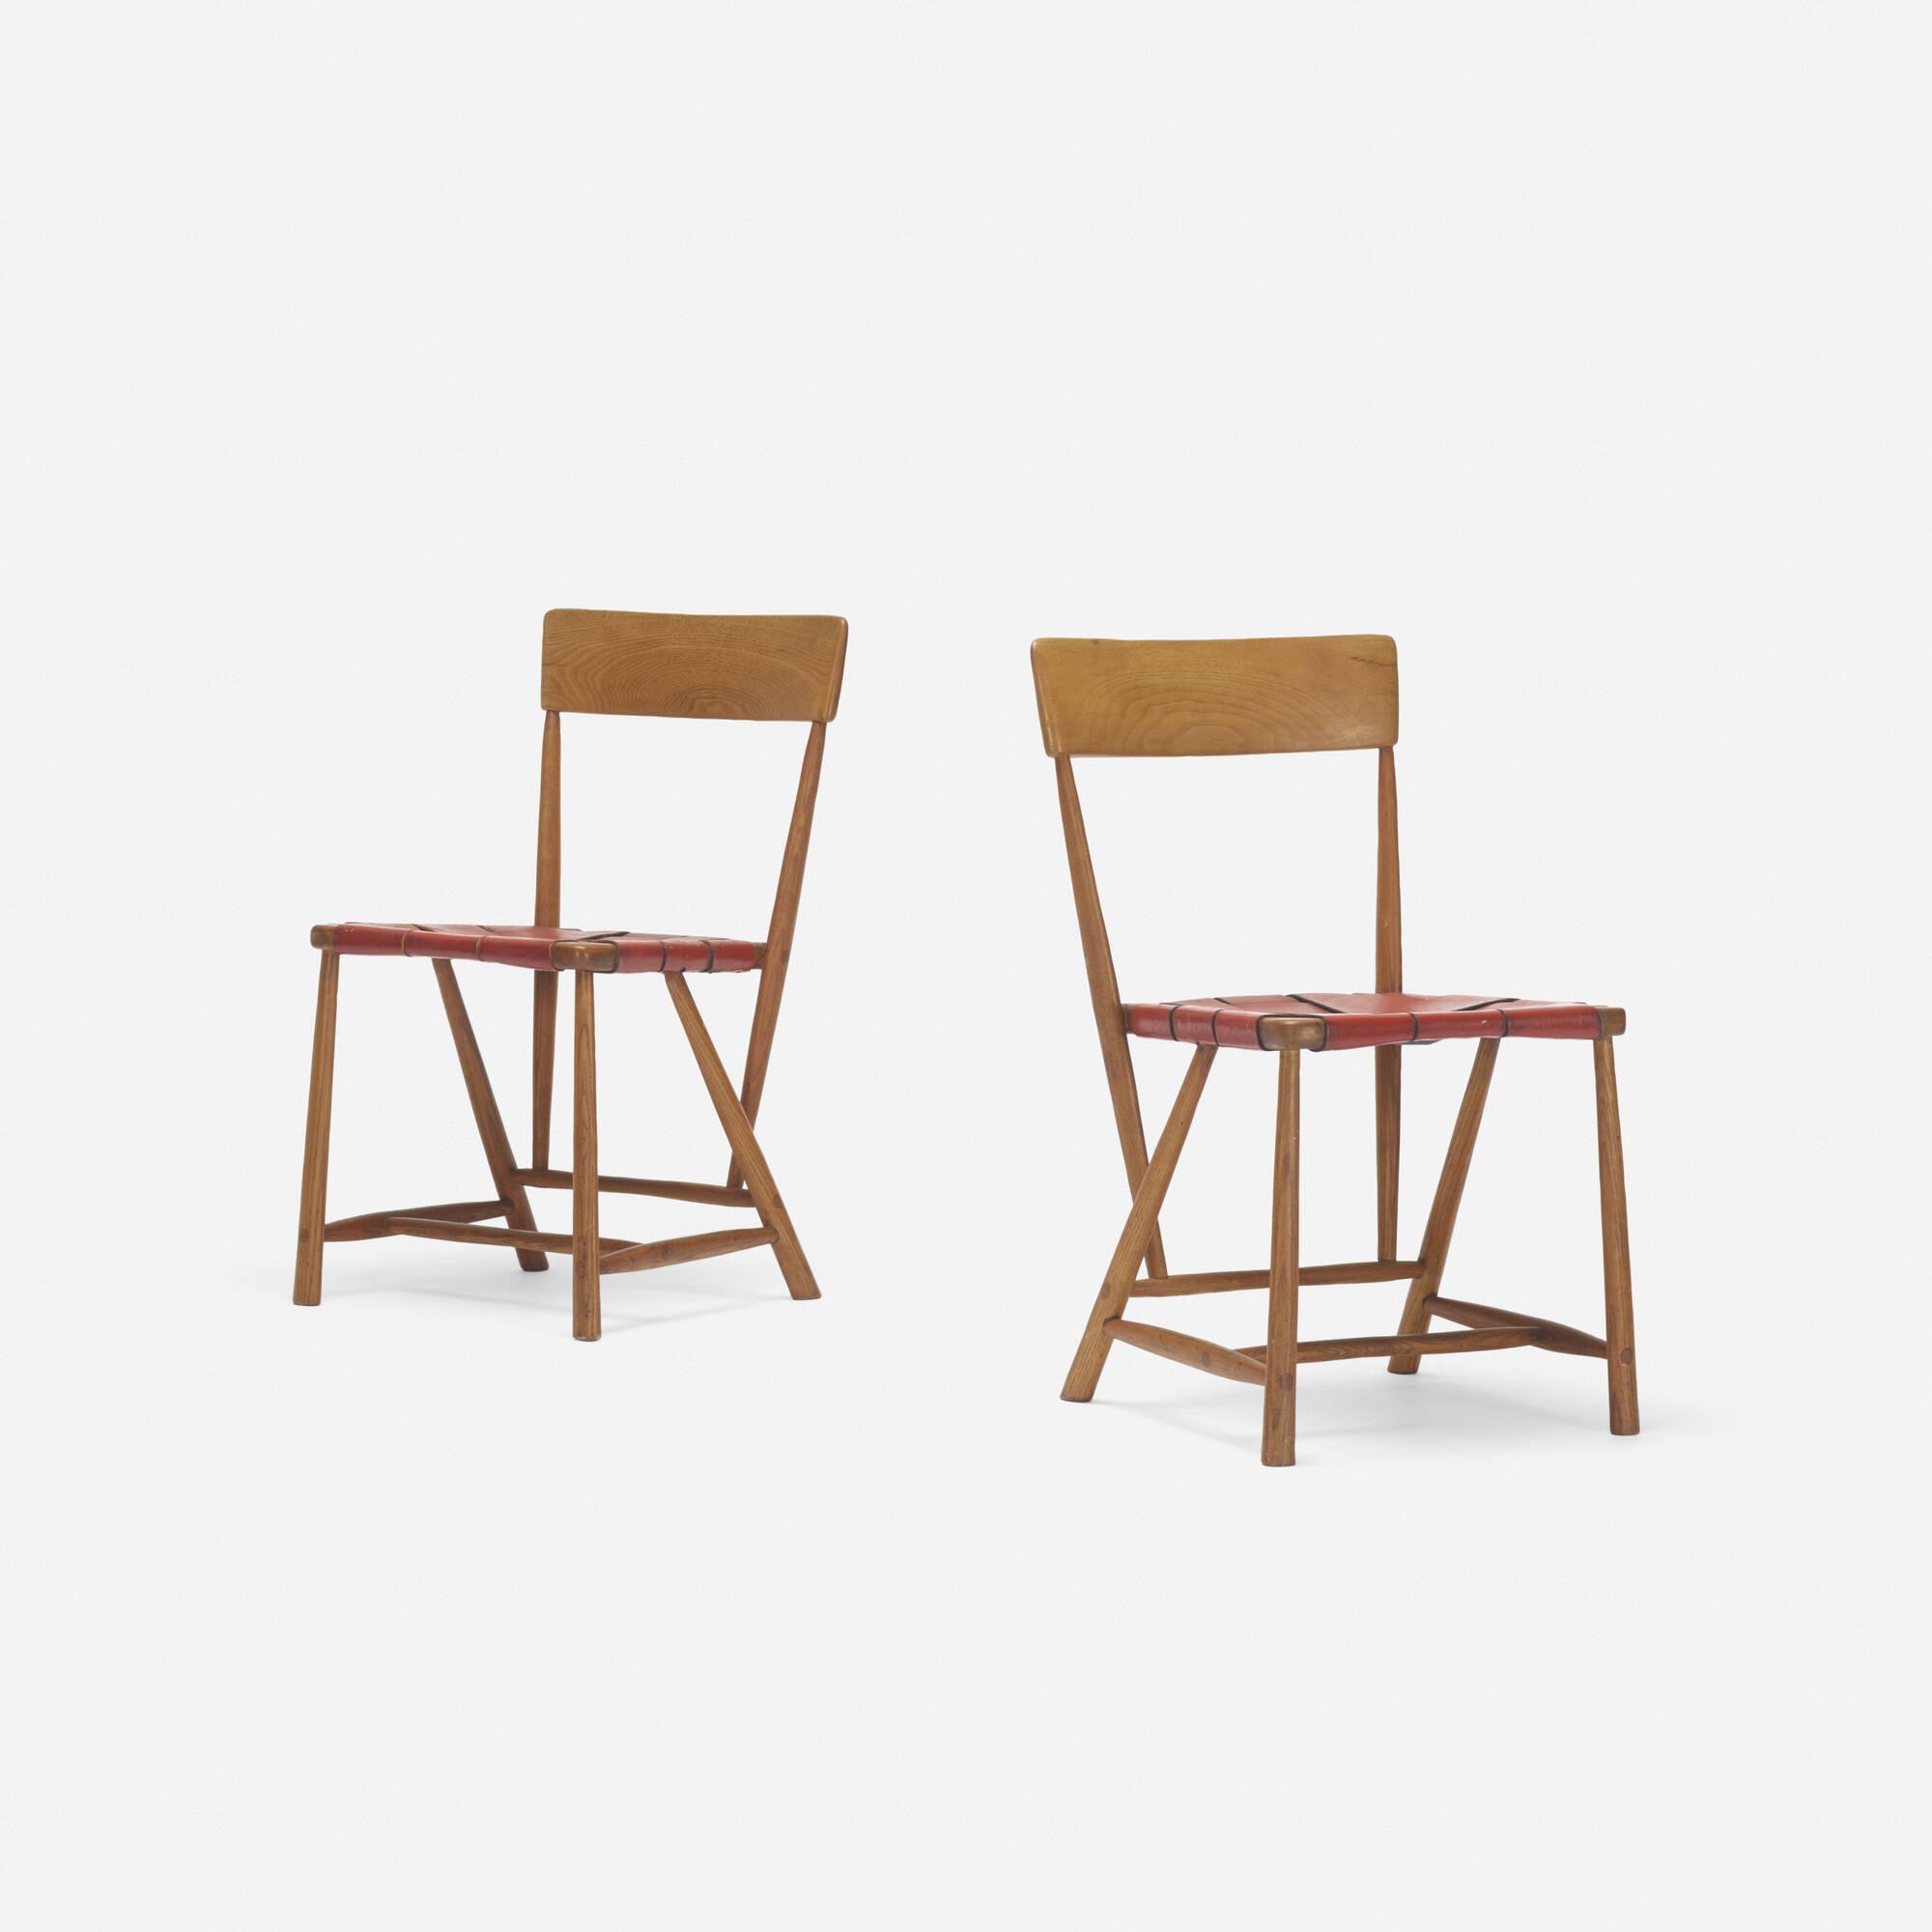 254: Wharton Esherick / Hammer Handle chairs, pair (2 of 4)